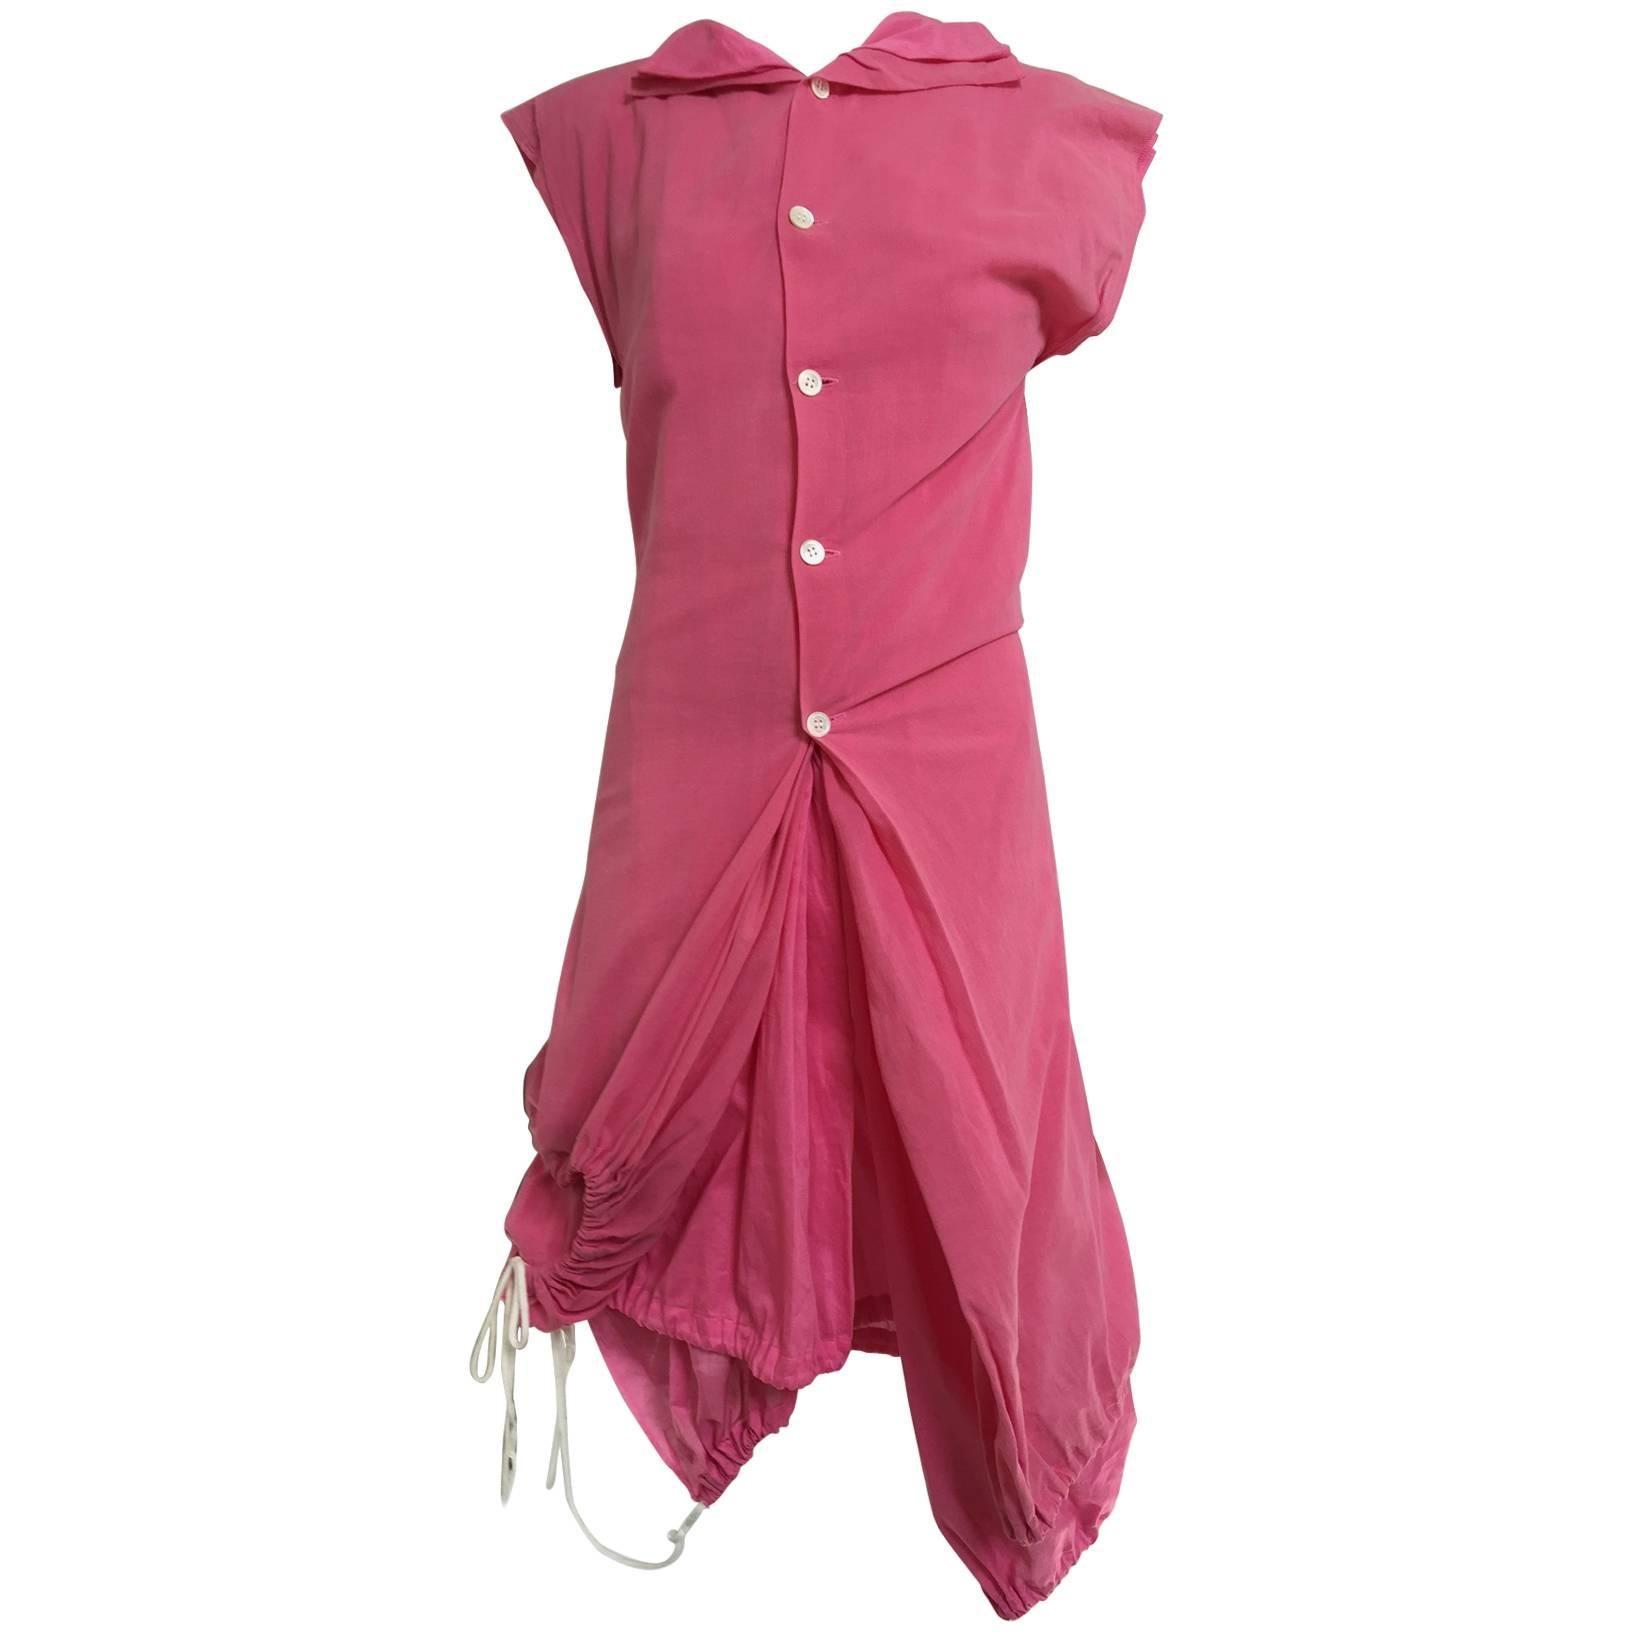 2007 Comme Des Garcons buble gum pink cotton double layer shirt dress